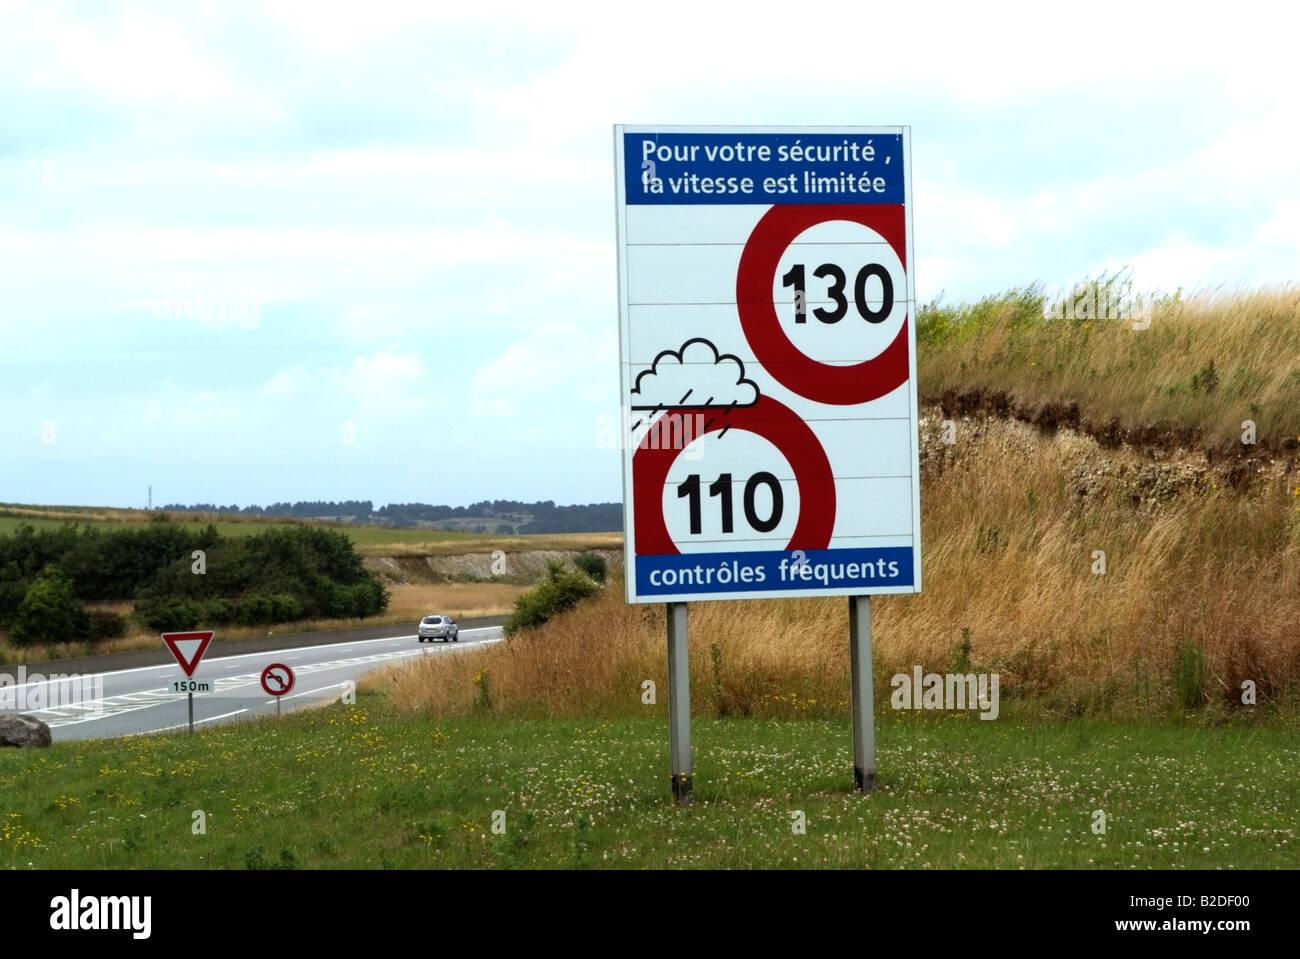 Le système autoroutier français signes limitation de vitesse pour la conduite par temps pluvieux France Photo Stock